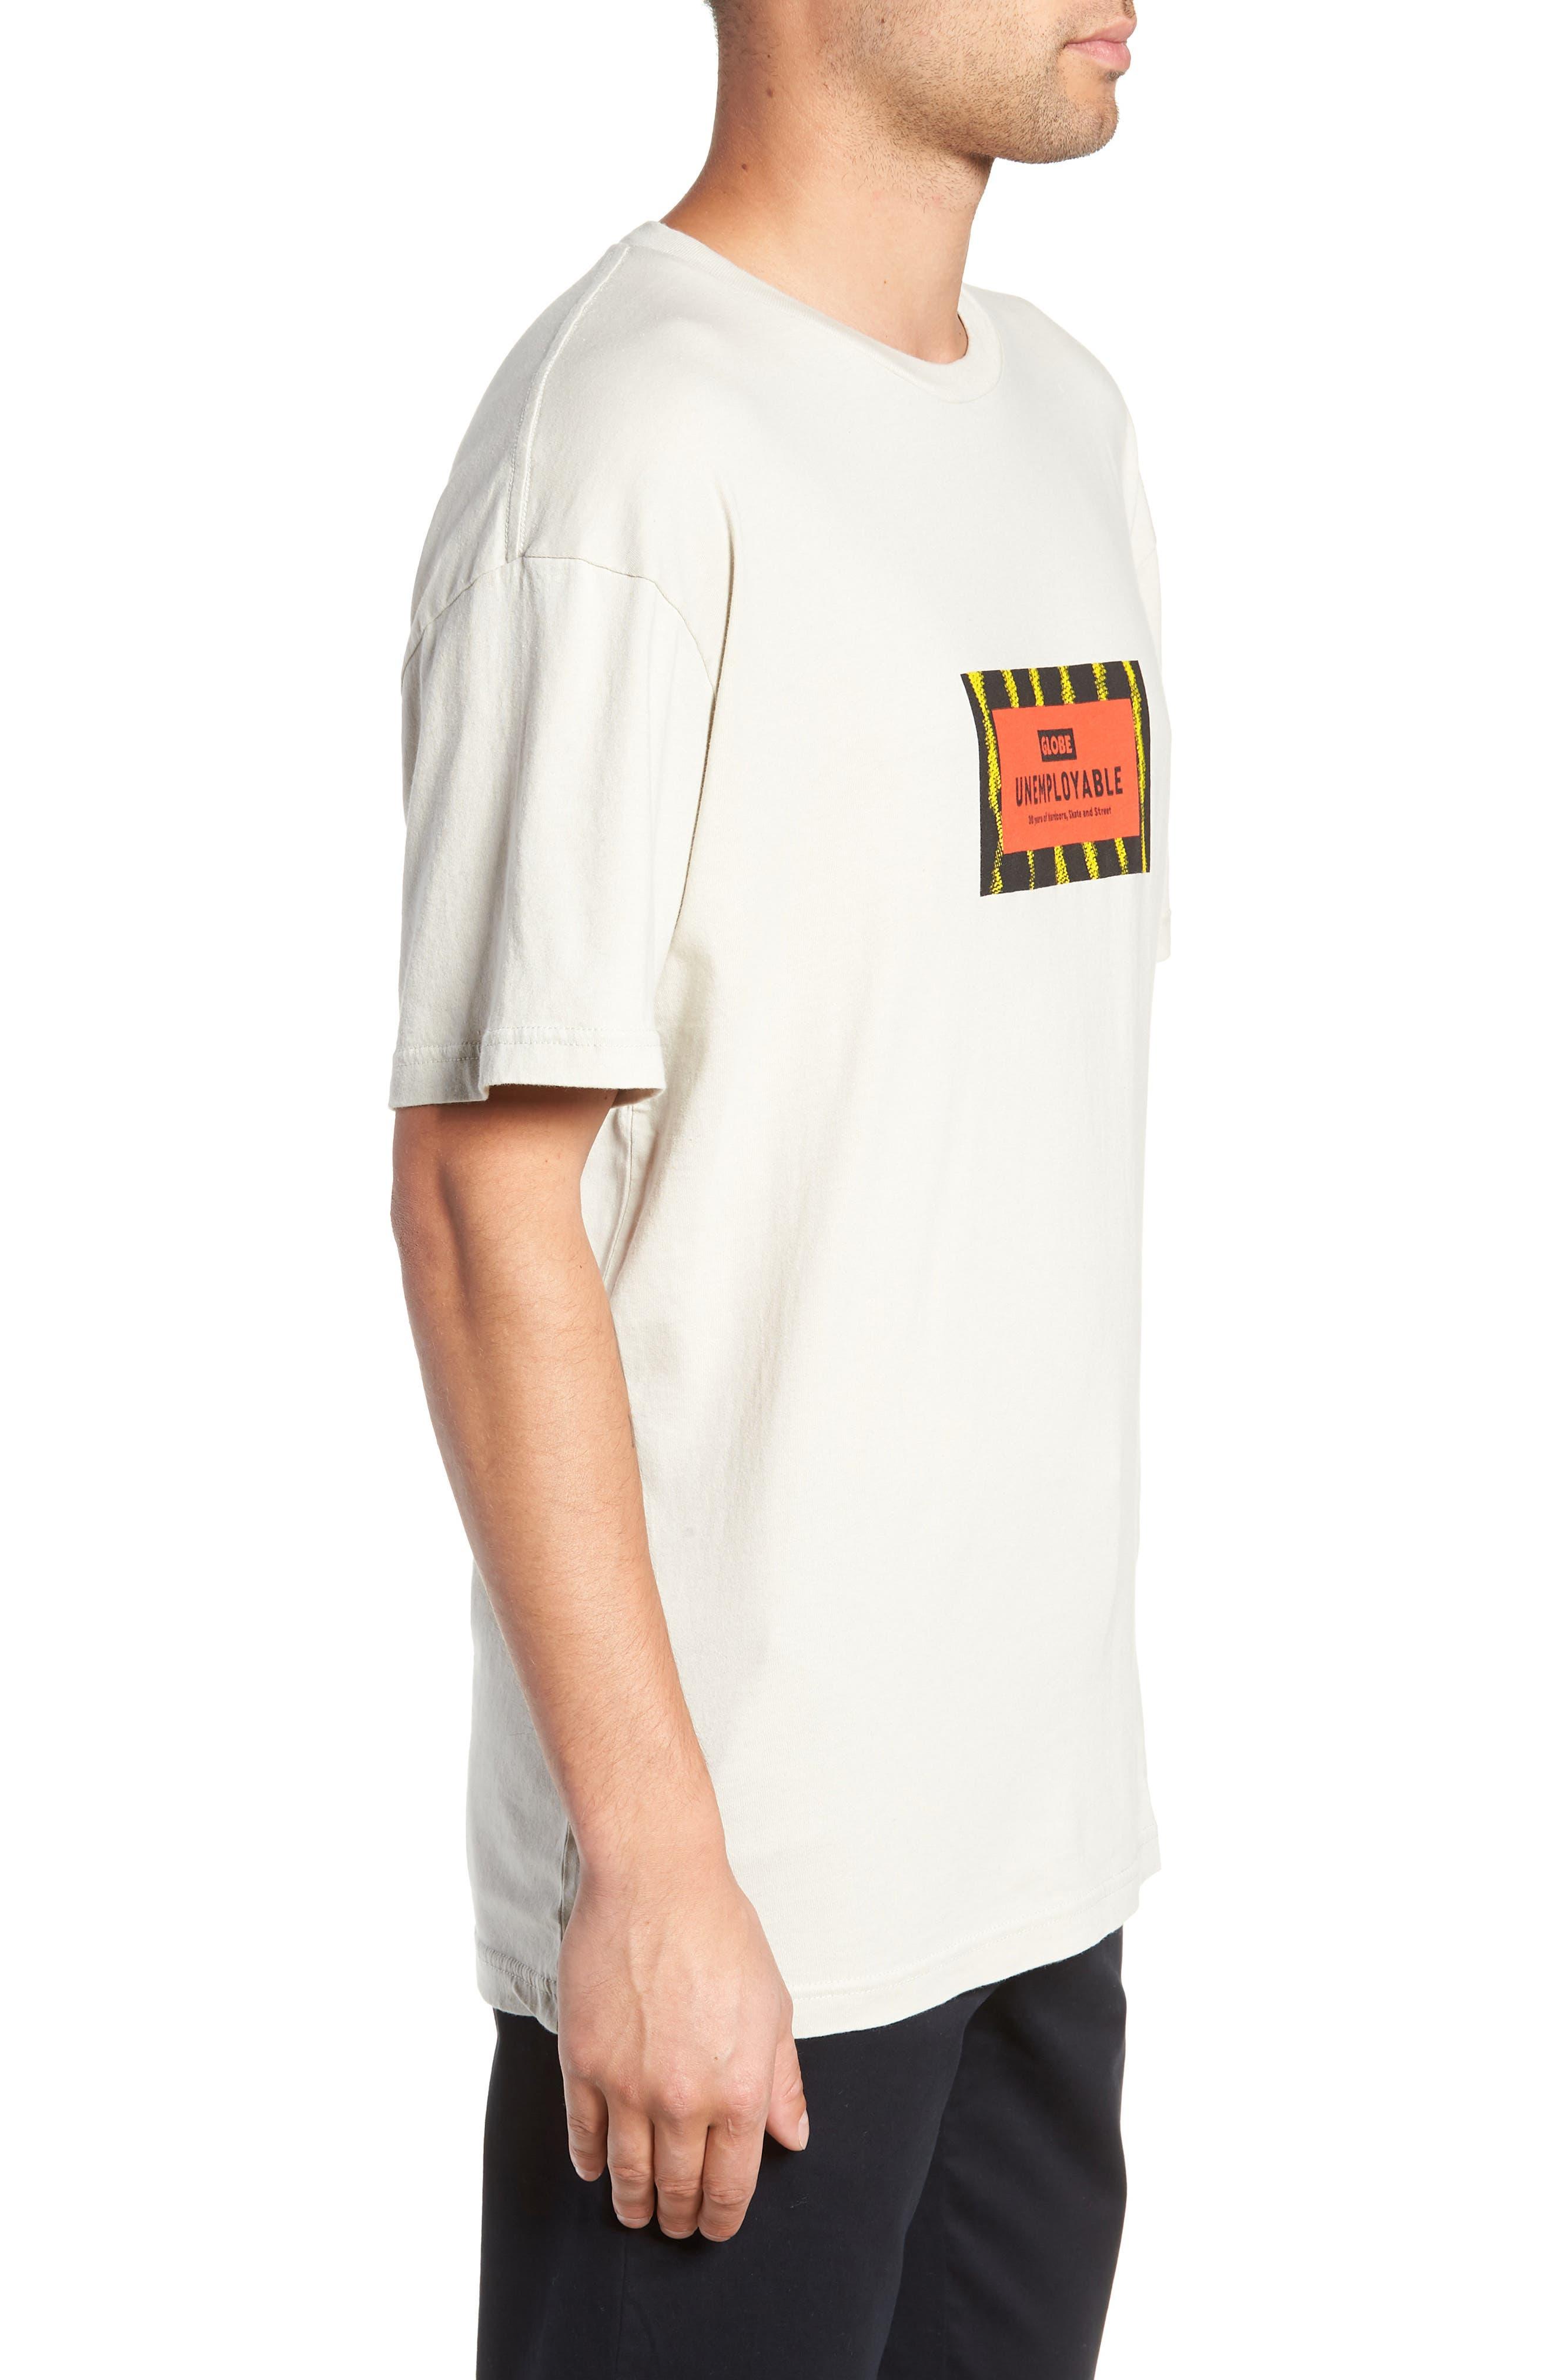 GLOBE,                             Unemployable Captain T-Shirt,                             Alternate thumbnail 3, color,                             900